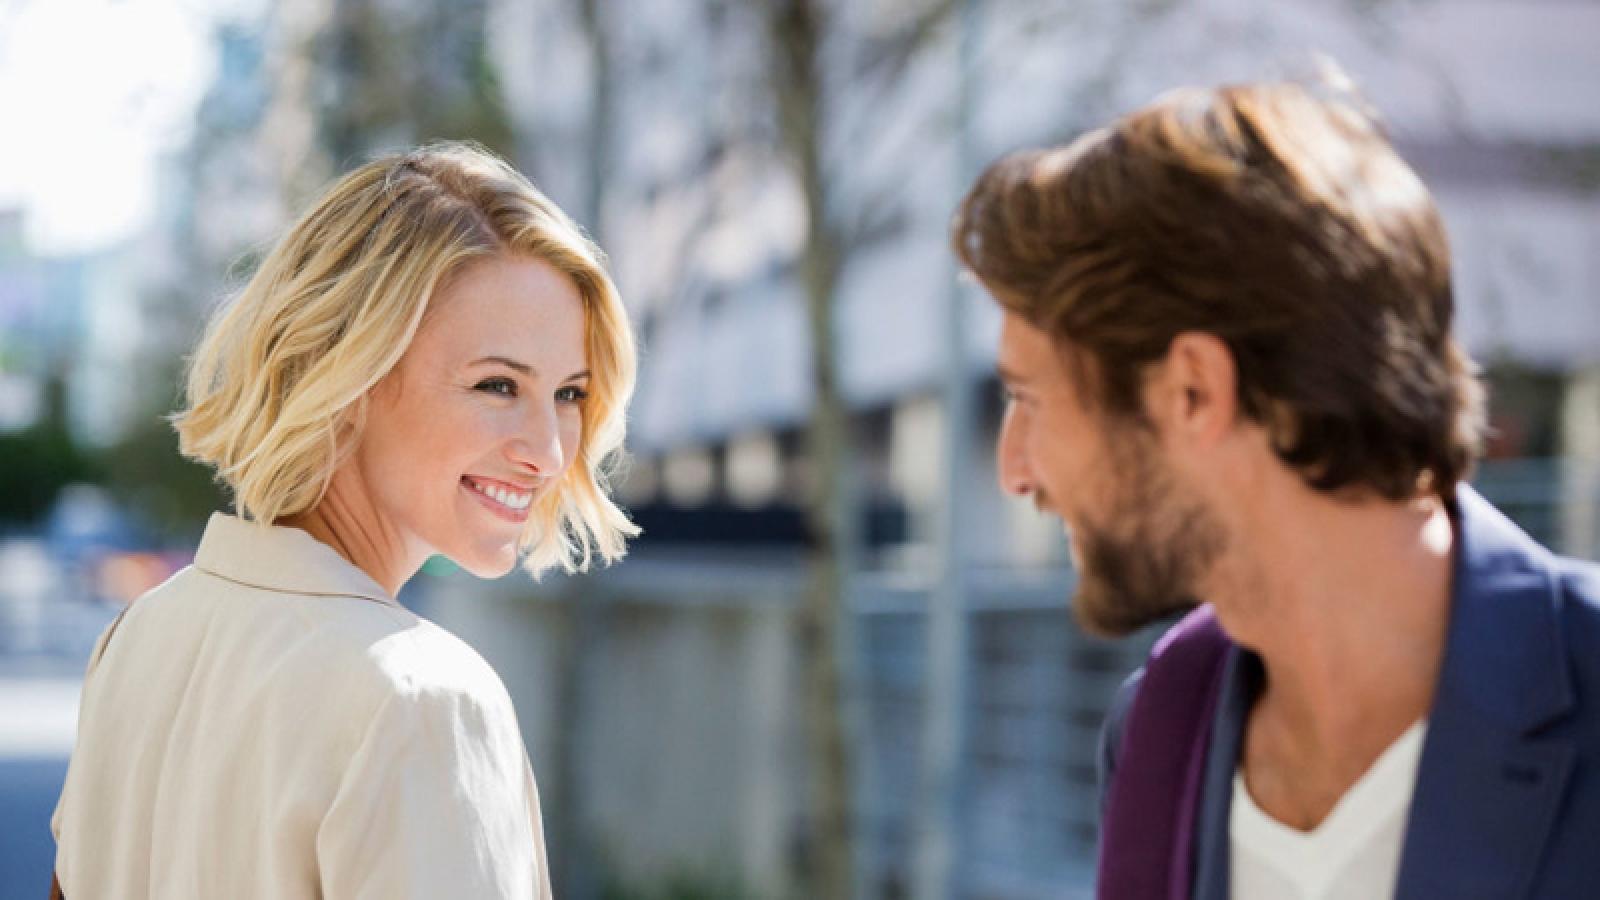 Làm thế nào để tìm thấy tình yêu đích thực?